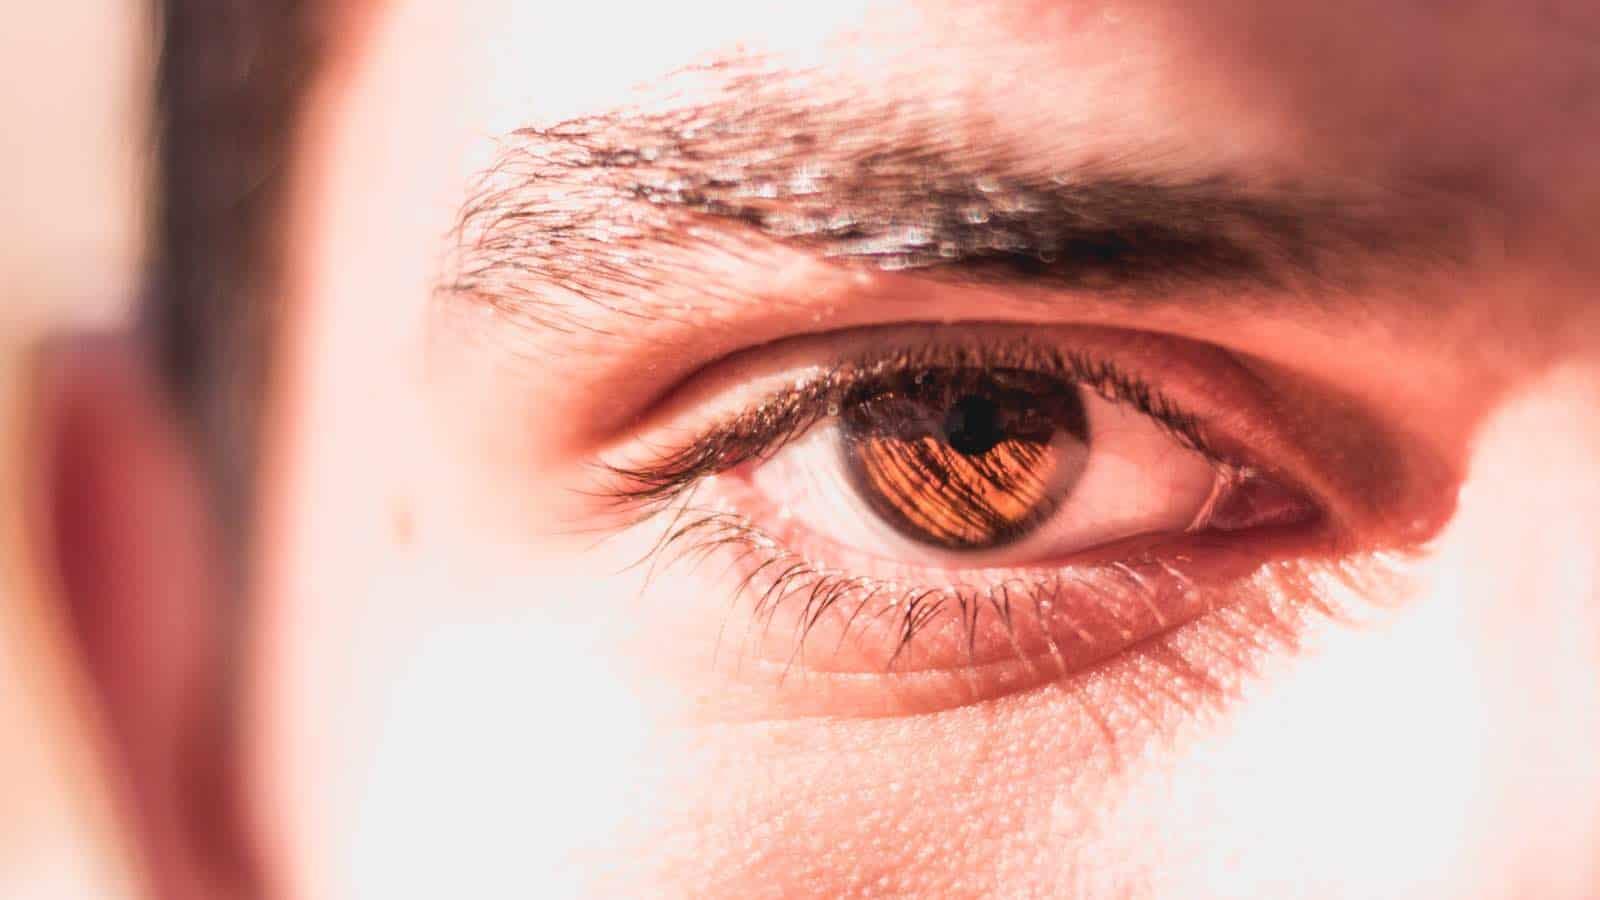 Tränensäcke entfernen- 16 Hausmittel & Tipps, die sofort helfen